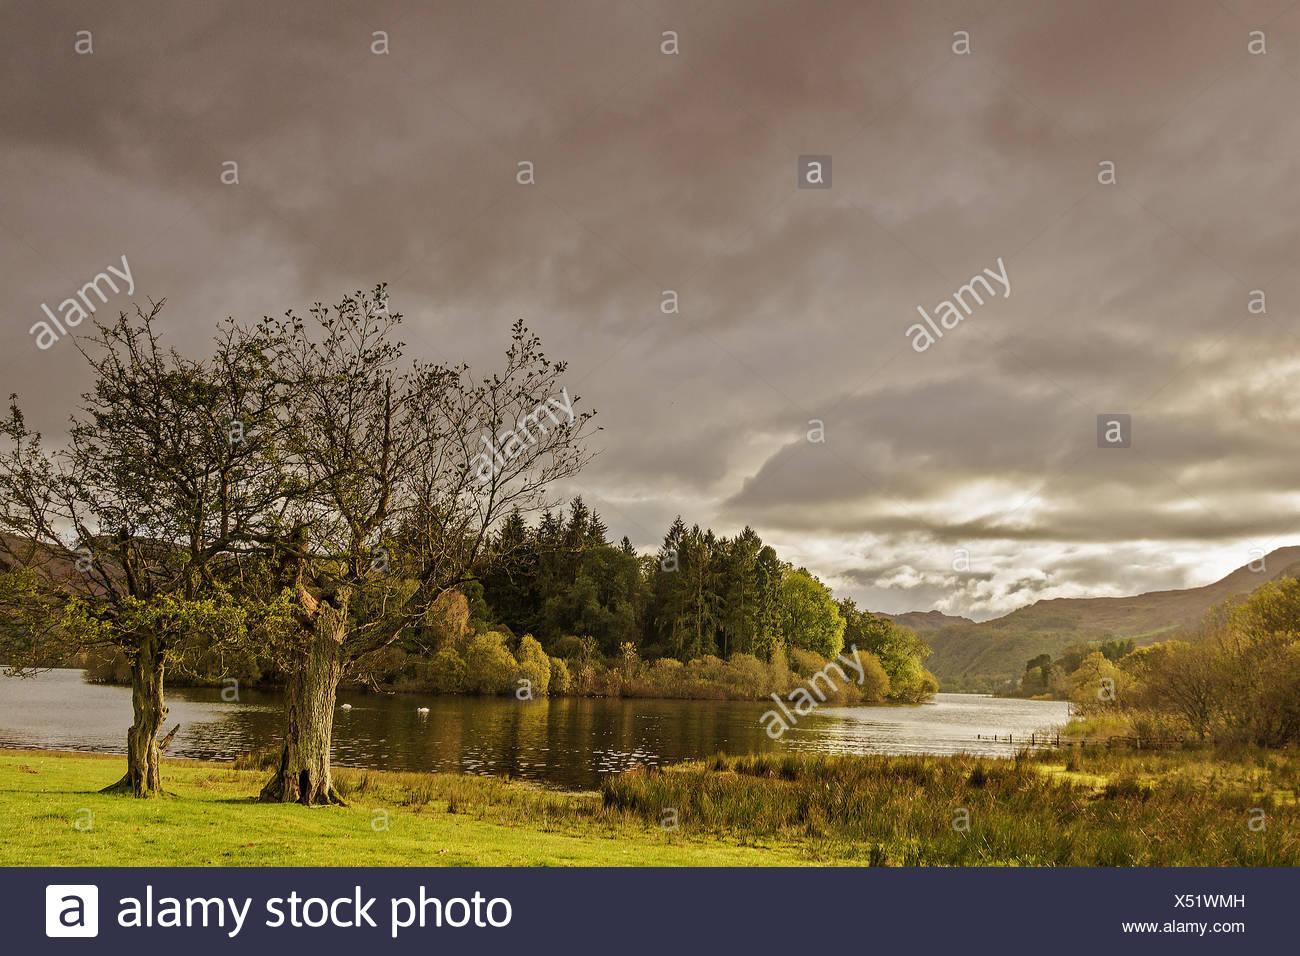 Derwent Water  View Lake District Cumbria UK - Stock Image